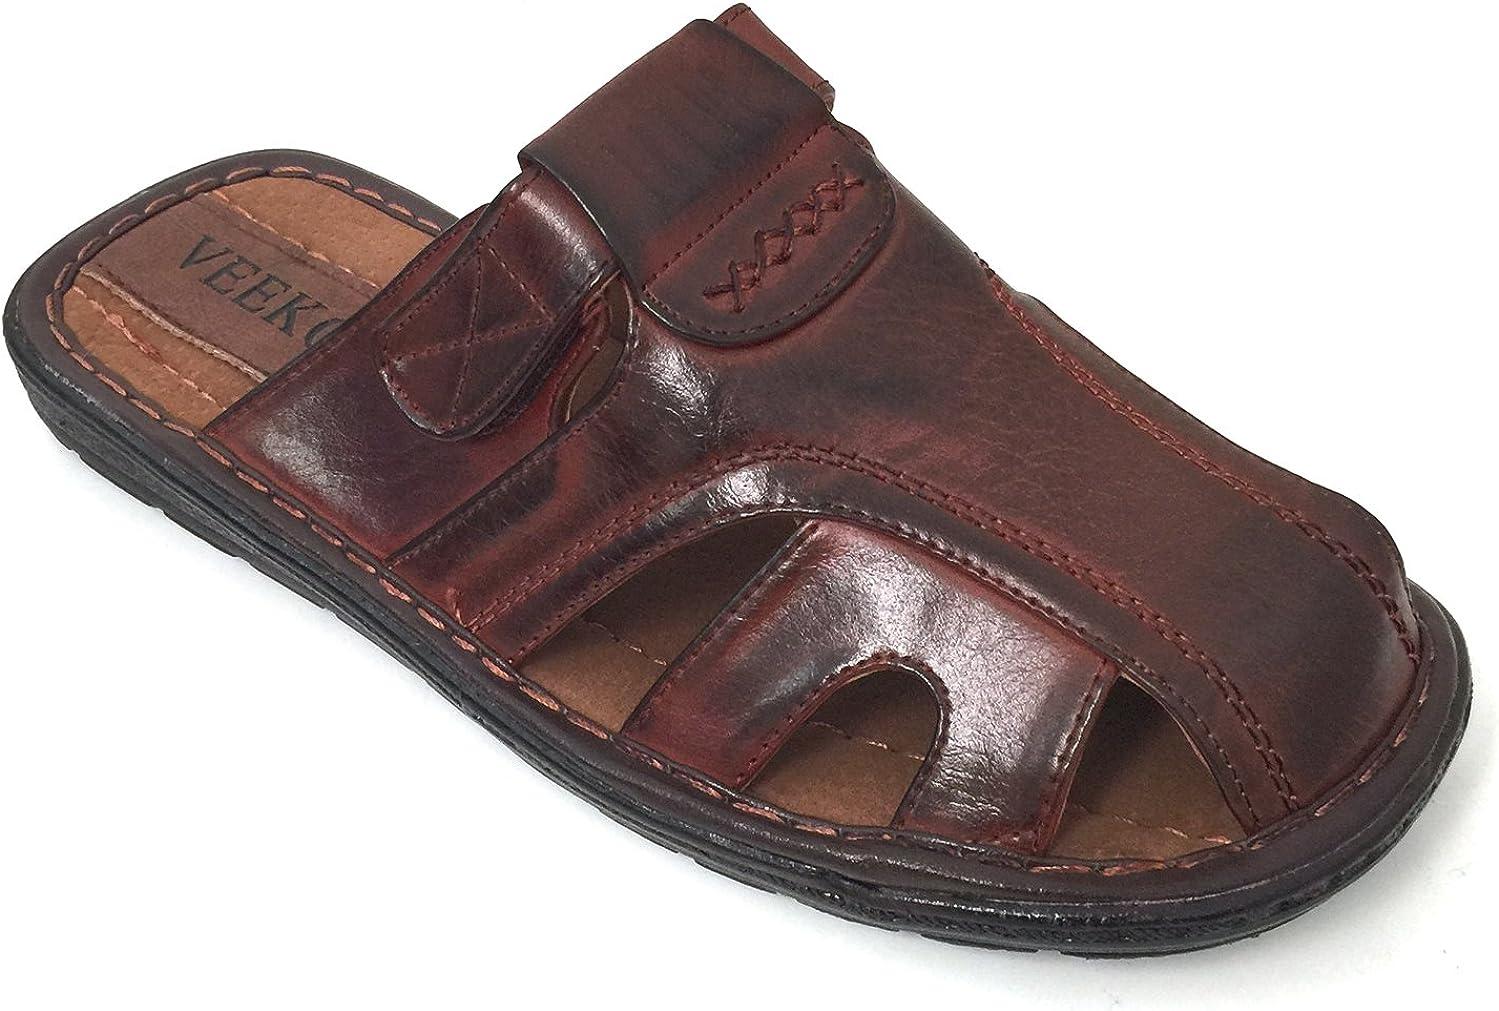 G4U-CTS Men's Sandals Adjustable Strap